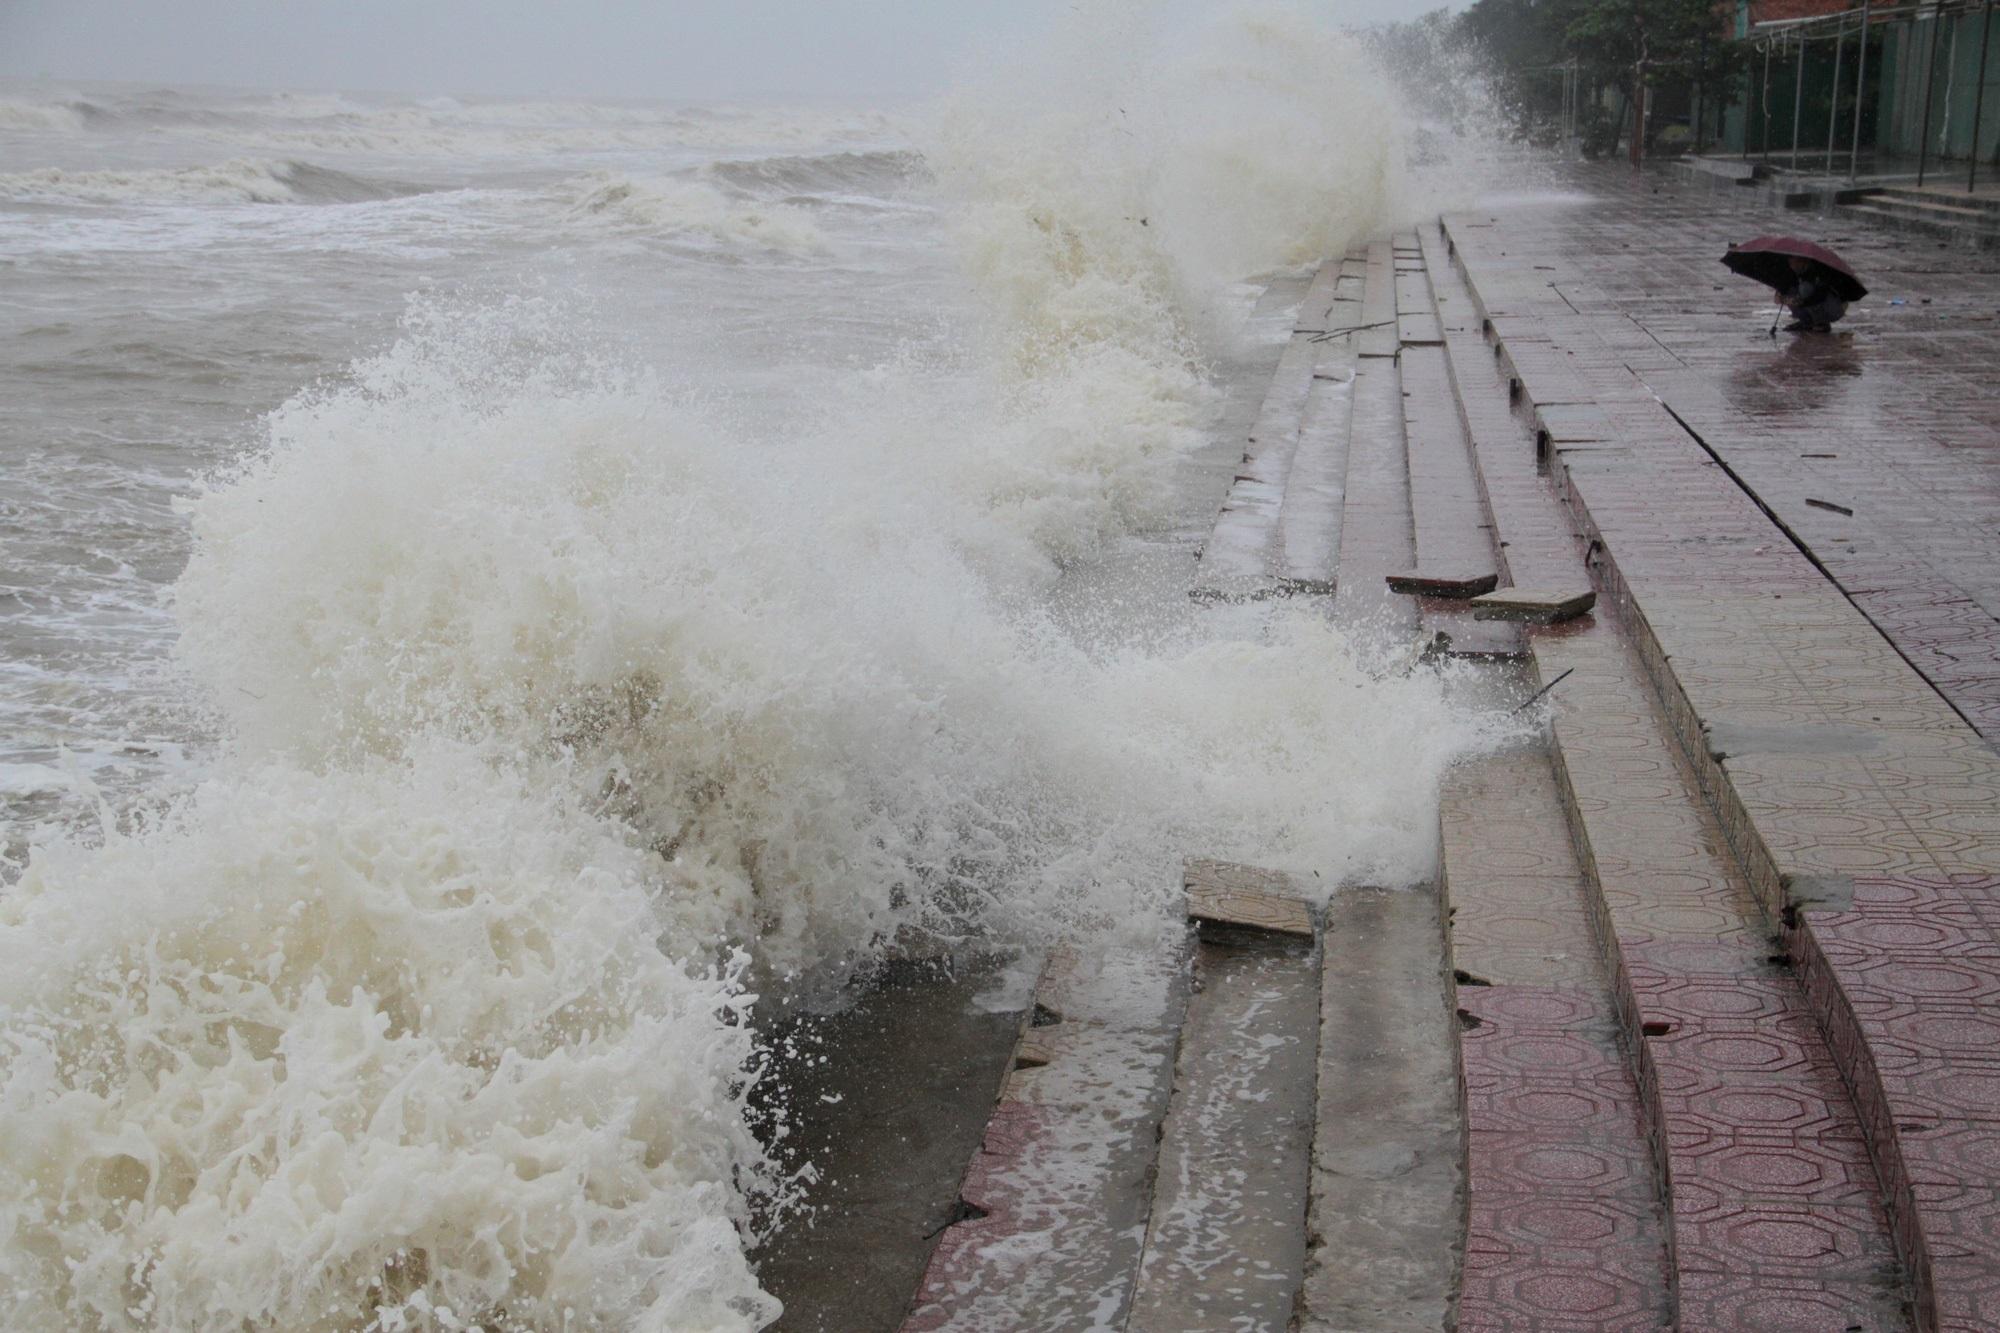 Bão số 8: Sóng cao 5m đang đánh vào bờ biển Nghệ An, hàng trăm khối đất đá sạt lở, đổ xuống quốc lộ - Ảnh 1